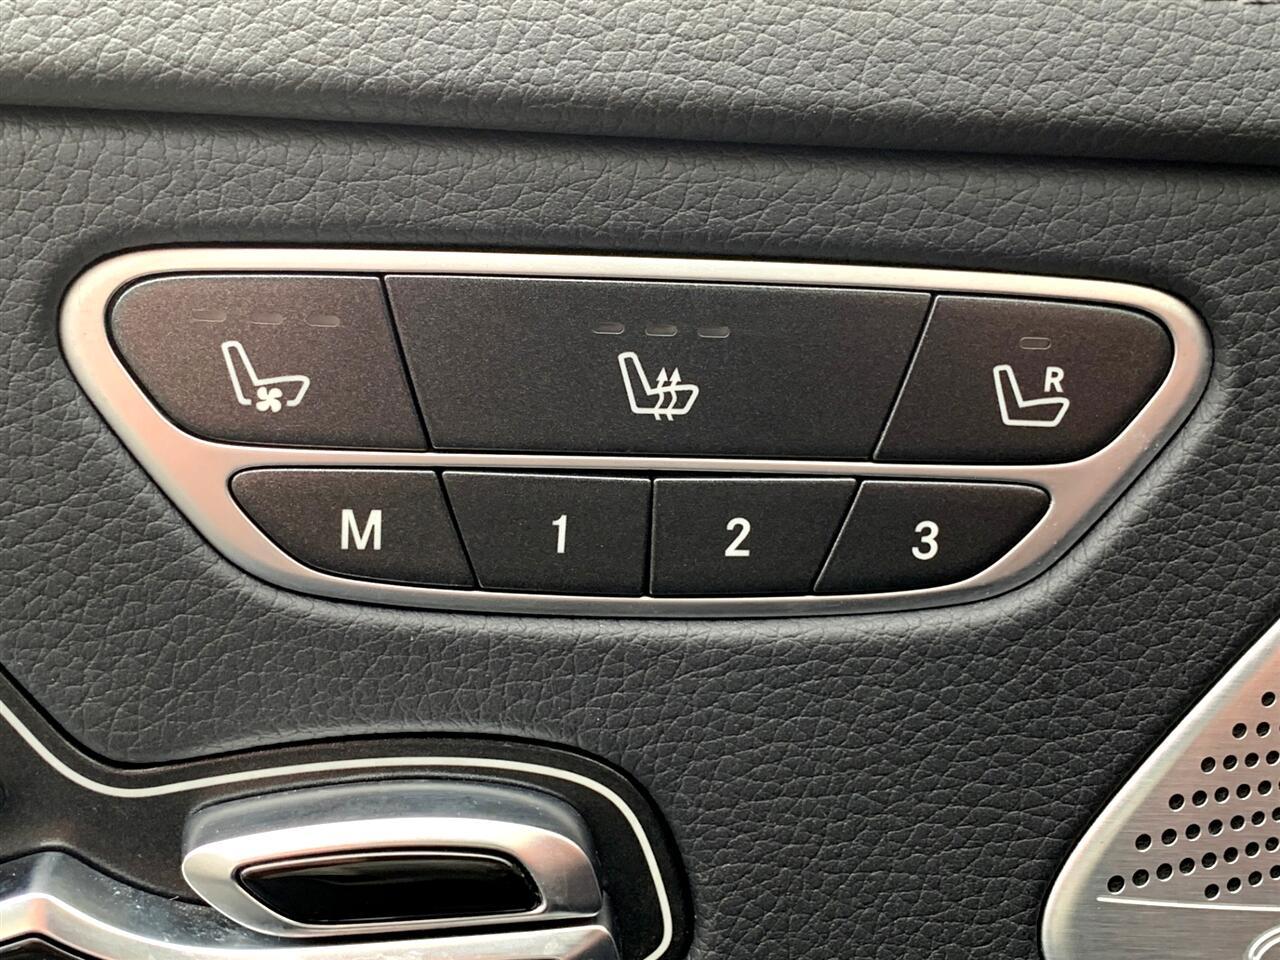 Mercedes-Benz S-Class S550 4MATIC 2016